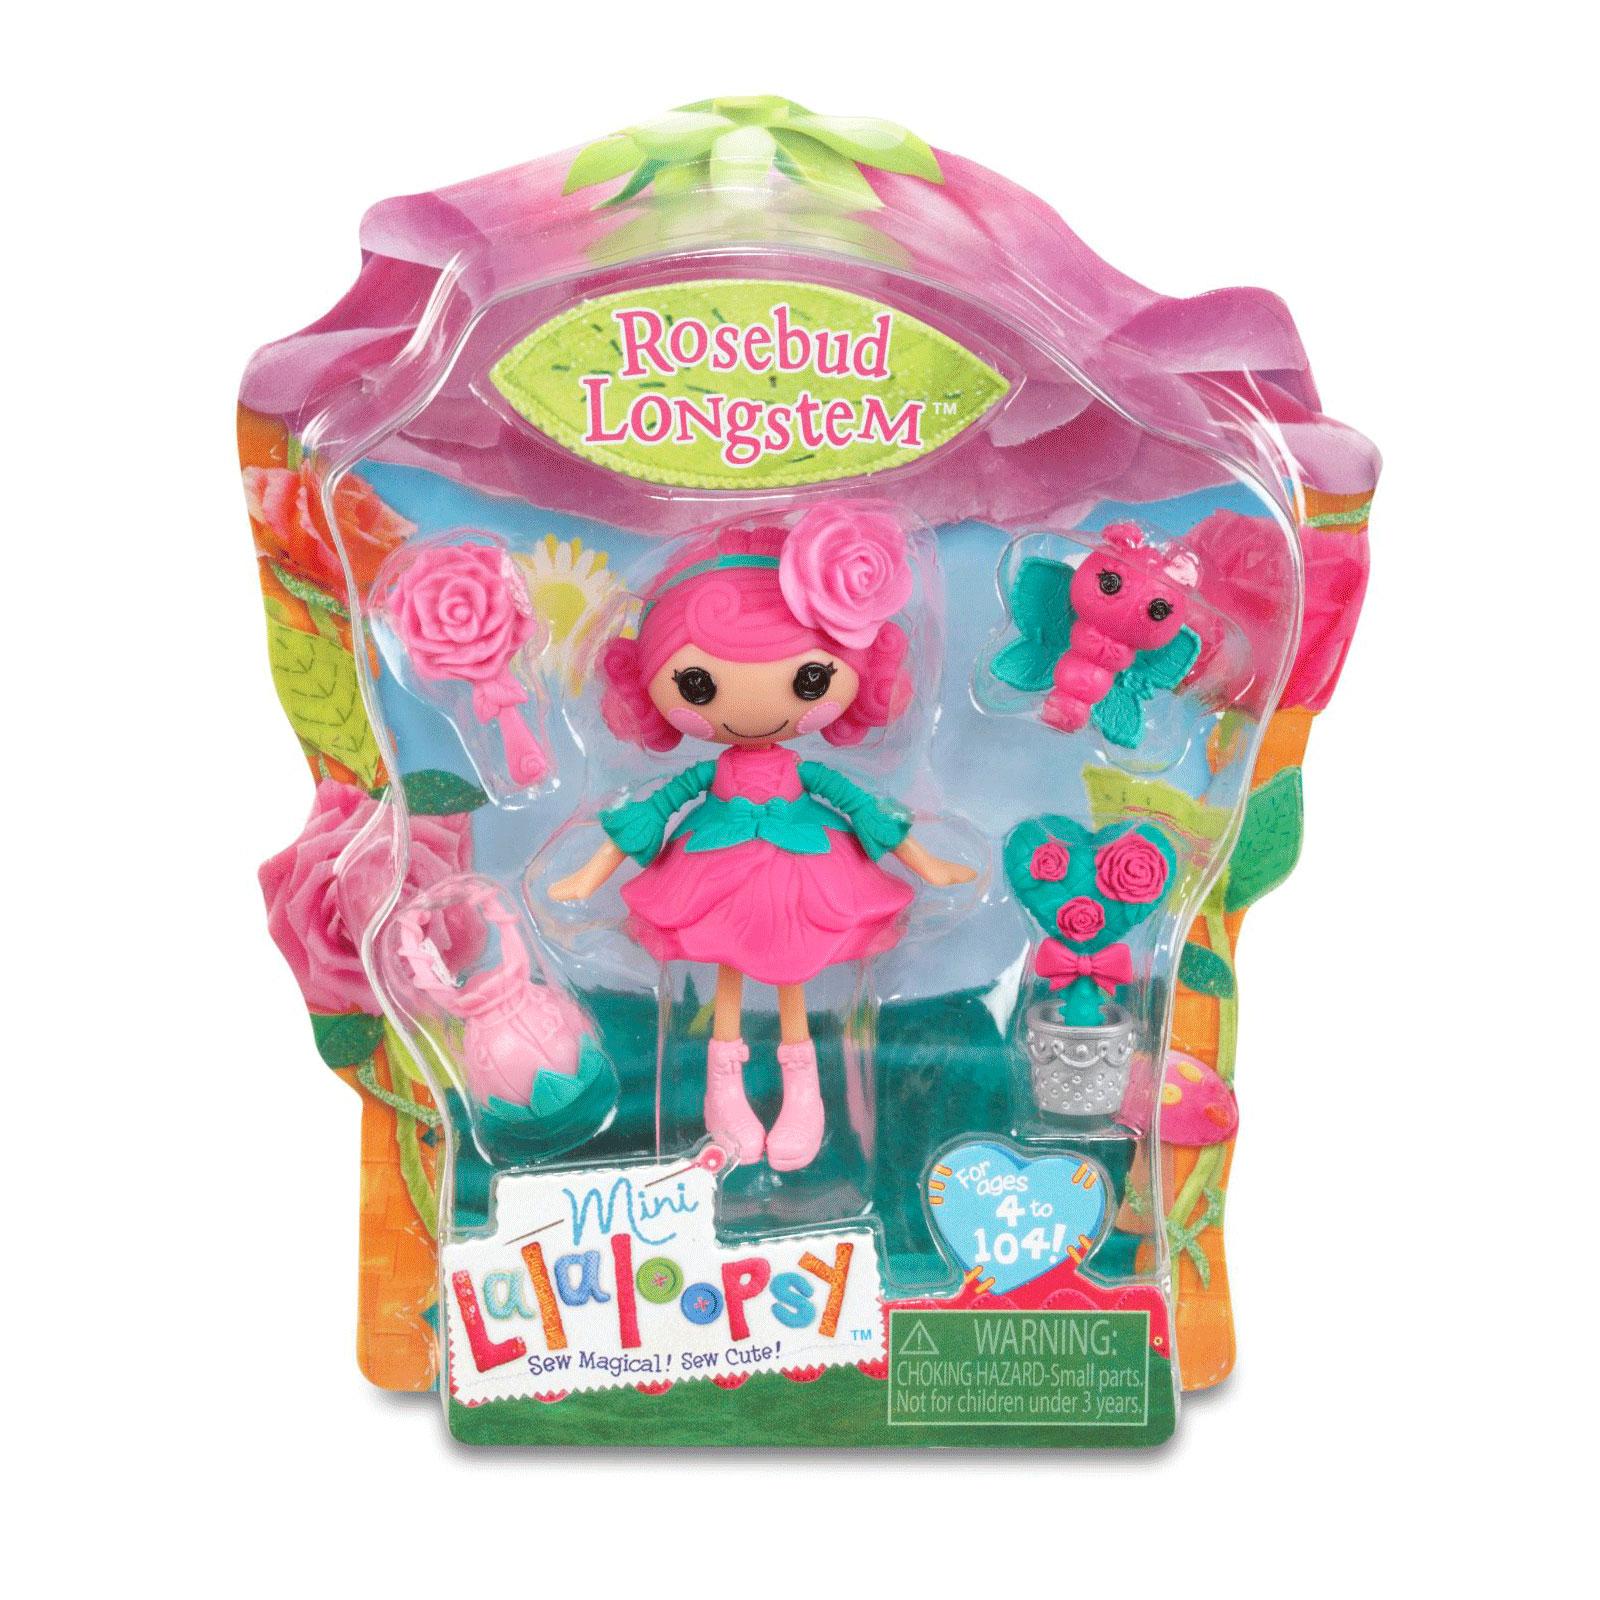 Кукла Mini Lalaloopsy с аксессуарами Rosebud Longstem